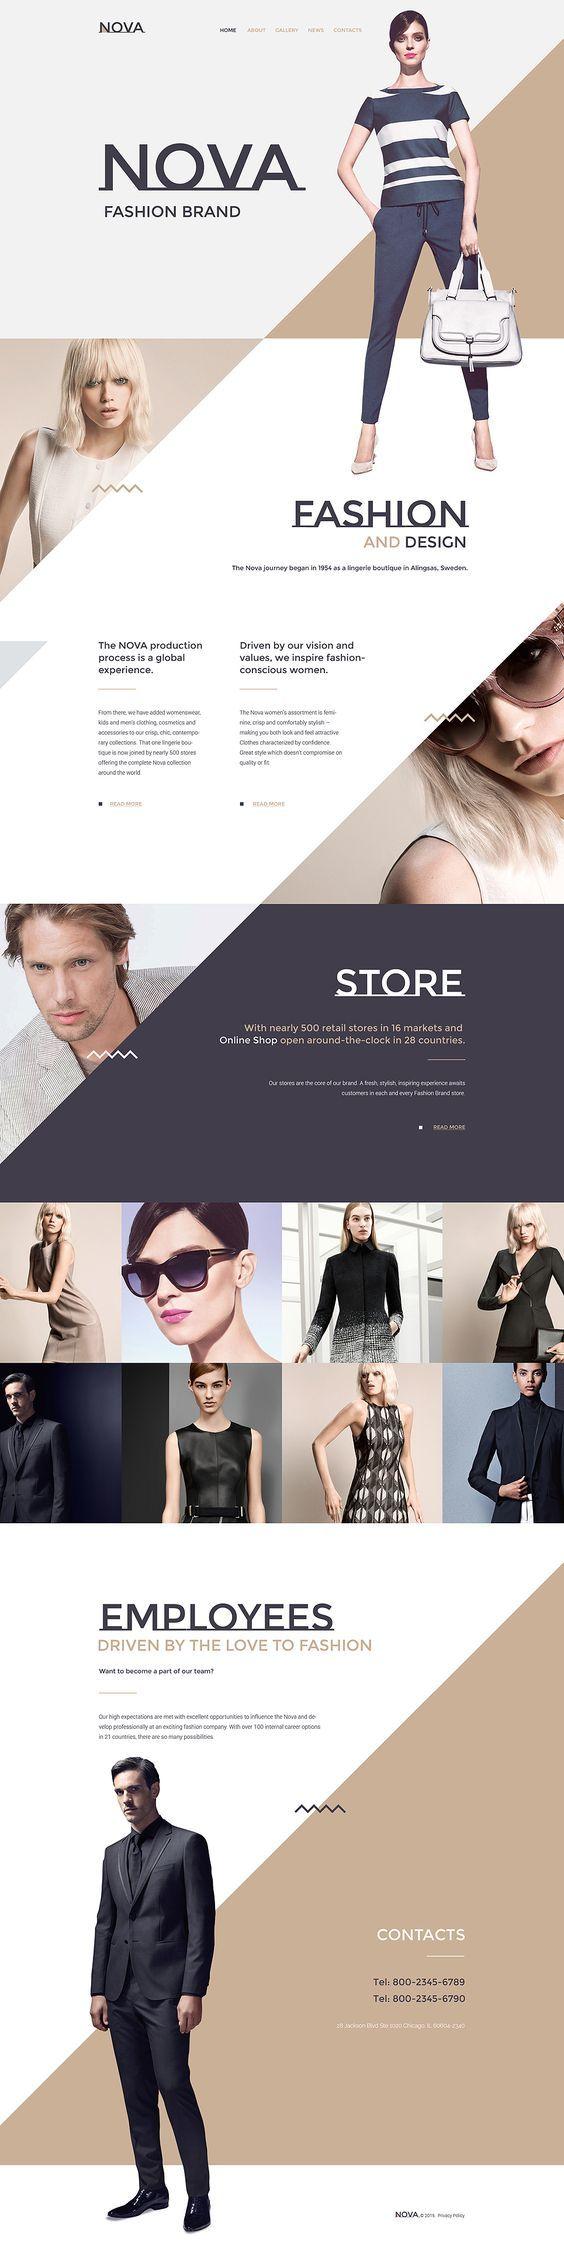 Ecommerce WP Themes #web #design: